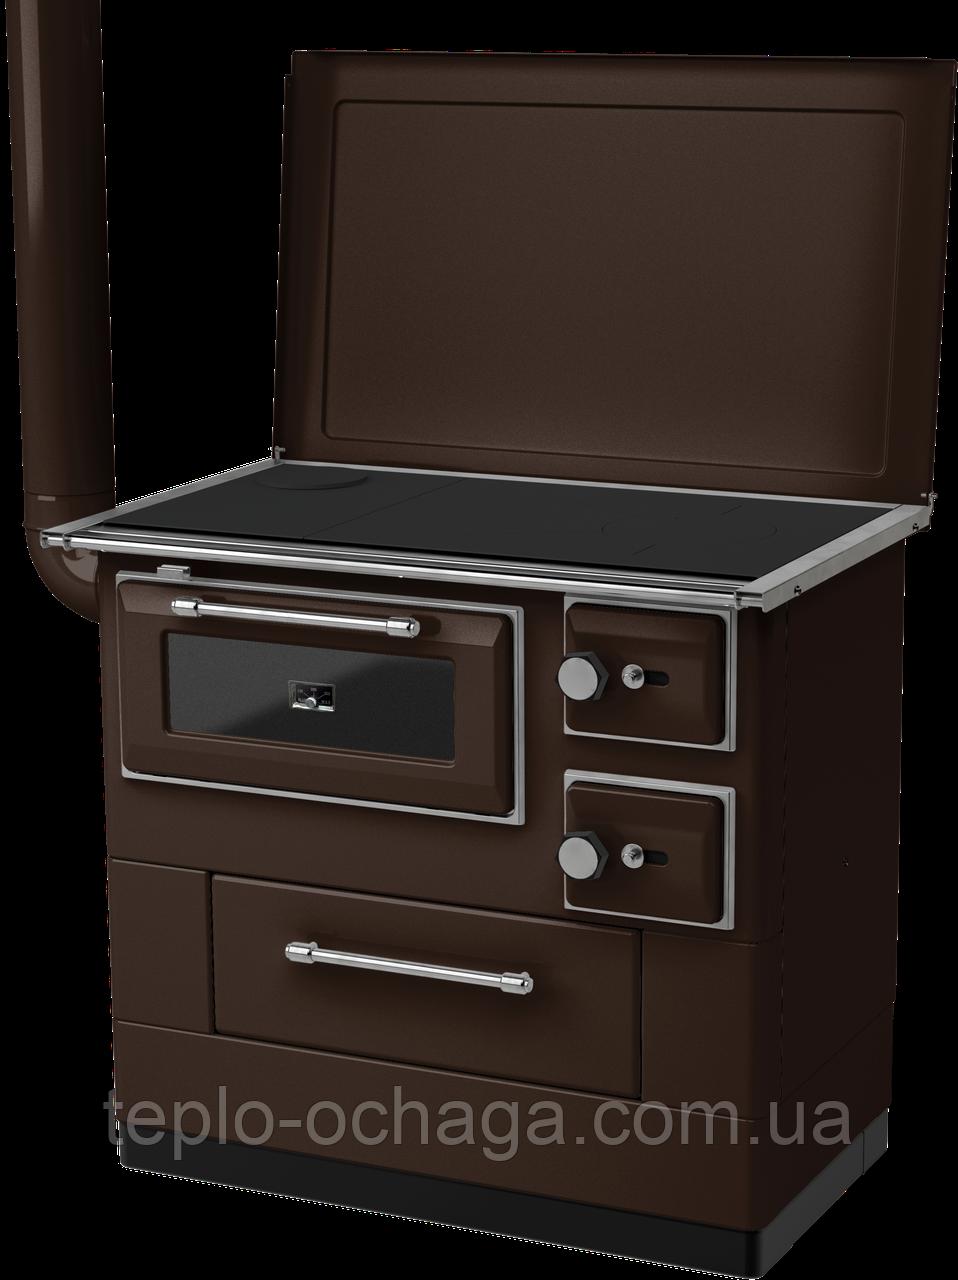 Дровяная печь-кухня MBS-10 New Line